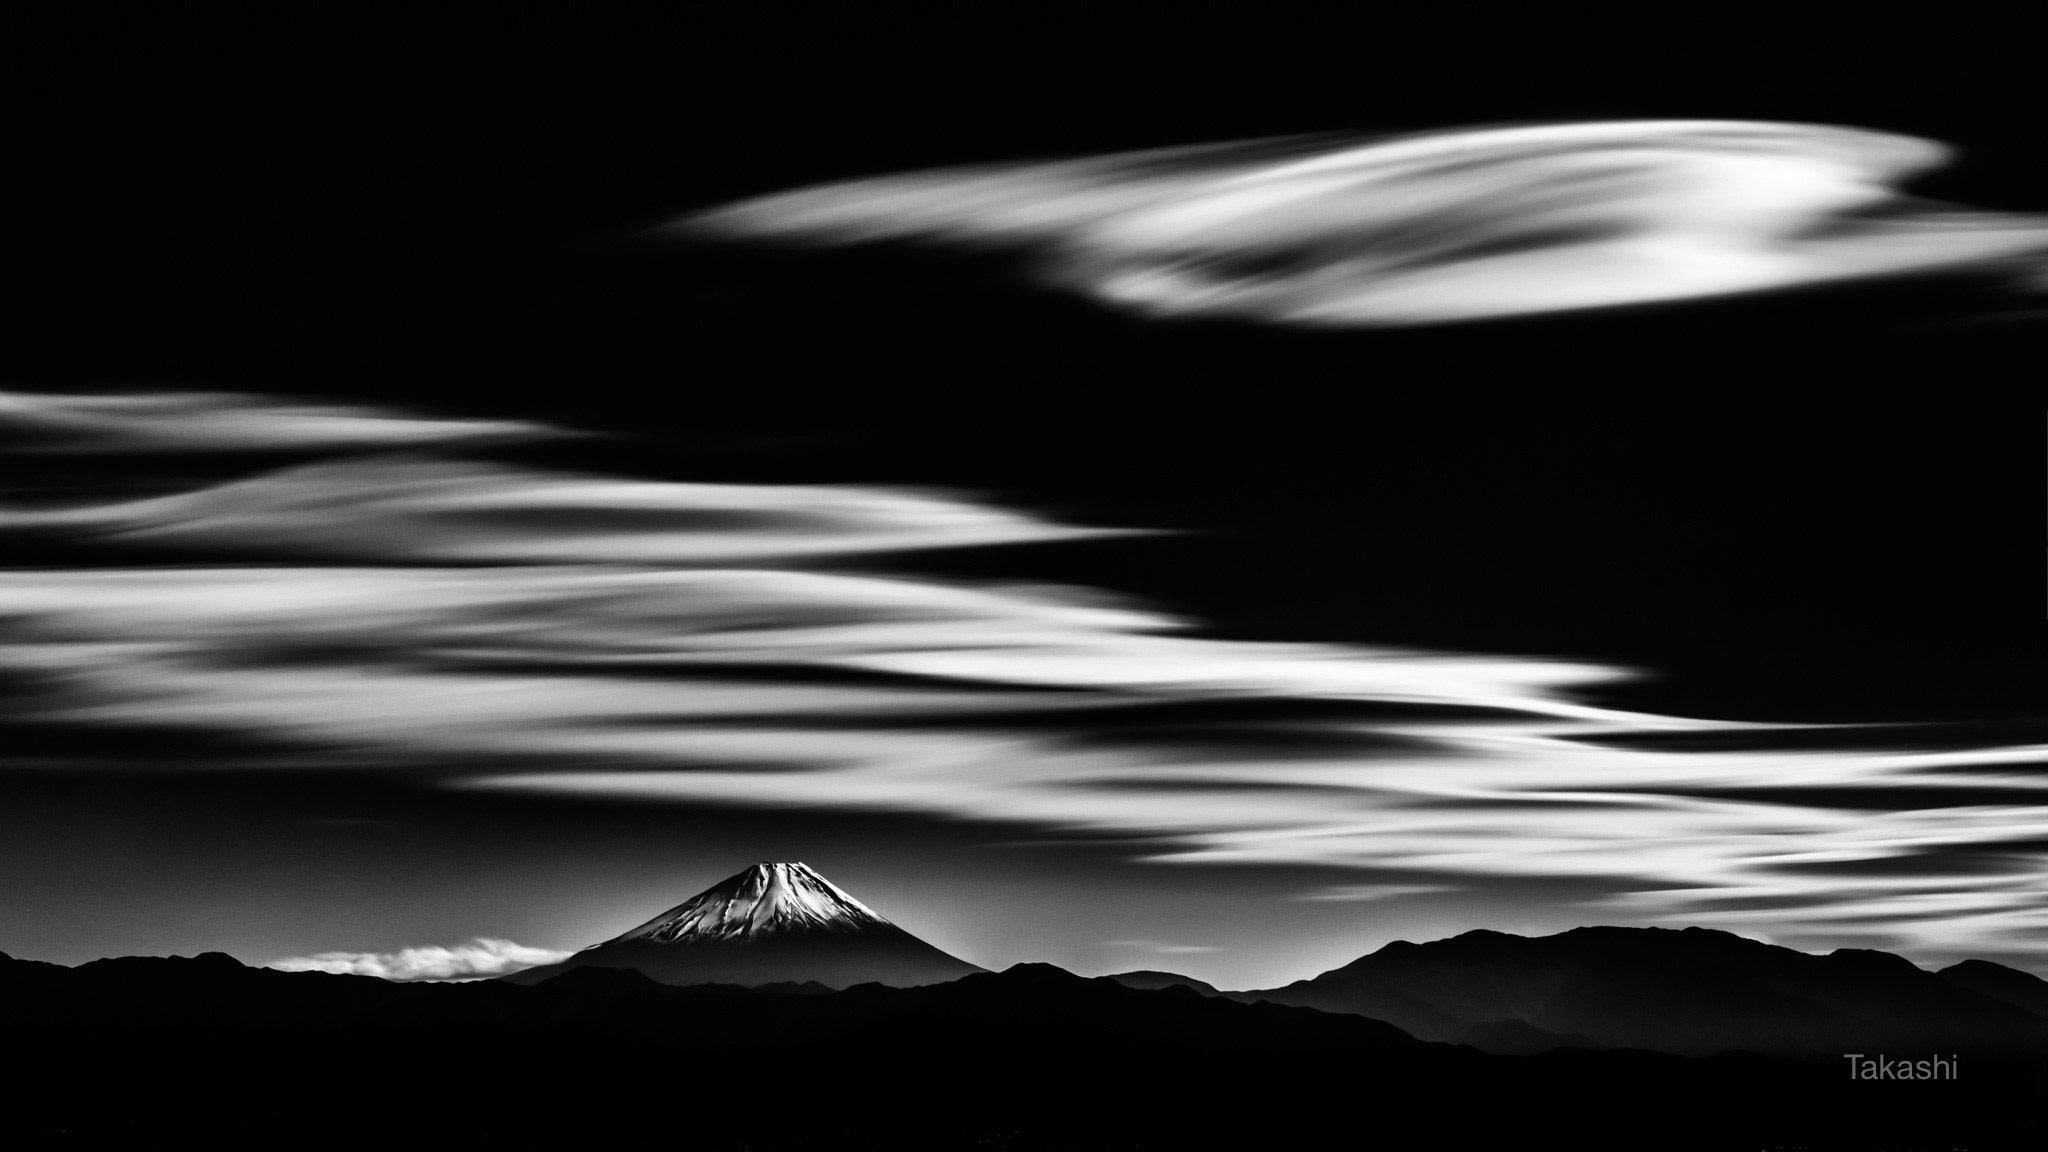 Планета с горы Фудзи. Яманаси, Япония, © Такаши, Токио, Япония, Высокая оценка в категории «Пейзаж», Фотоконкурс «Лучшая природная фотография Азии»